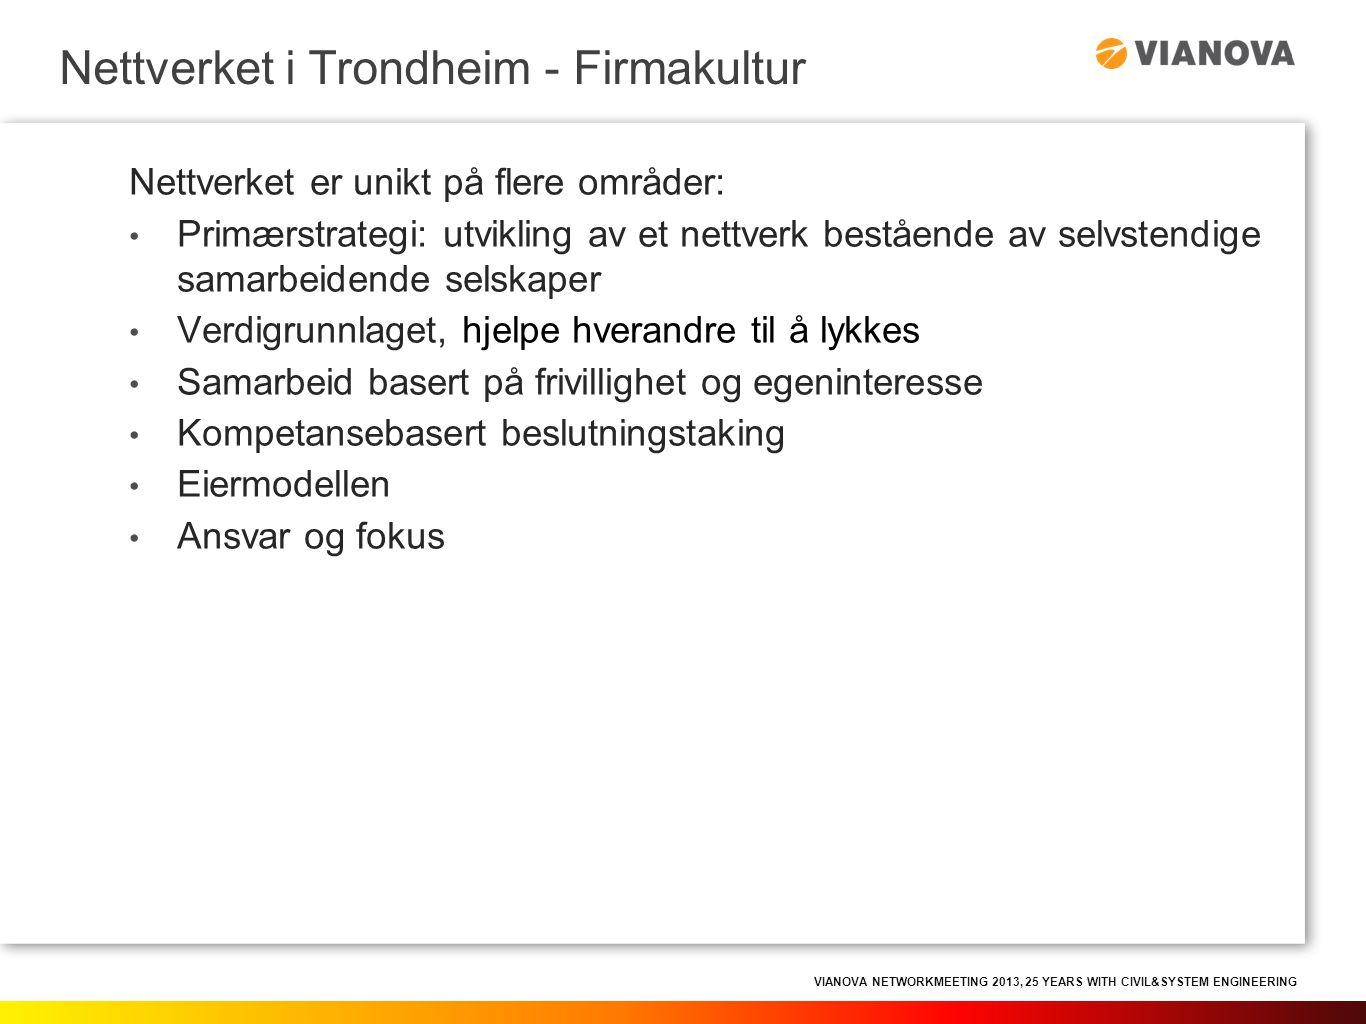 VIANOVA NETWORKMEETING 2013, 25 YEARS WITH CIVIL&SYSTEM ENGINEERING Erfaringer i Trondheimsnettverket: • Kommunikasjon og rollefordeling mellom personer og firma har utviklet seg positivt.